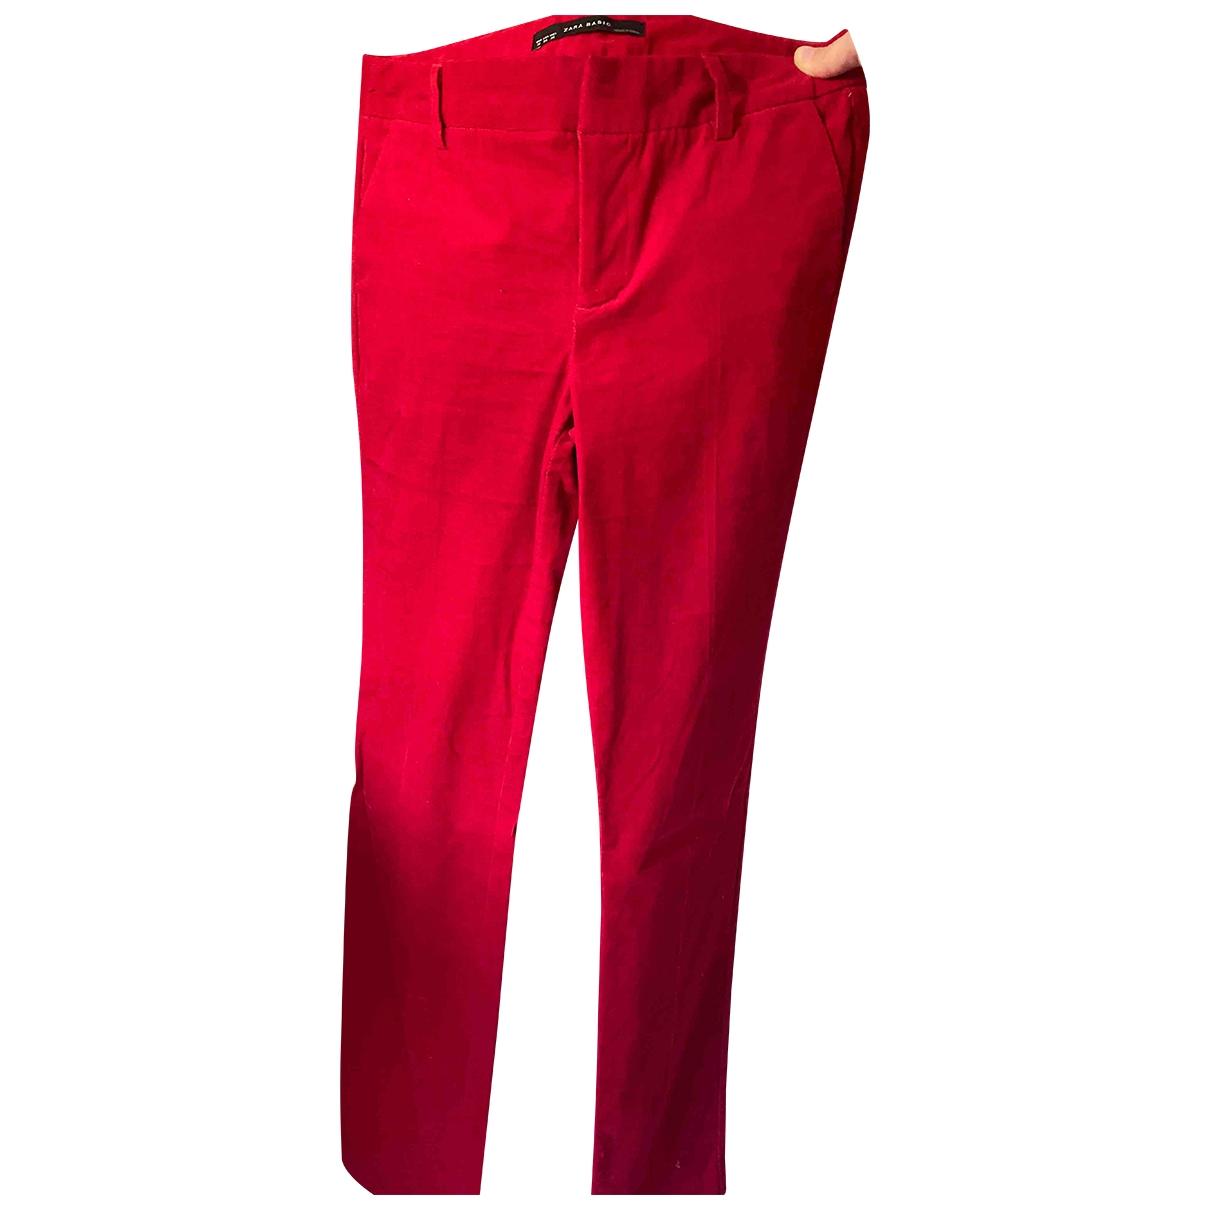 Zara \N Red Velvet Trousers for Women 36 FR